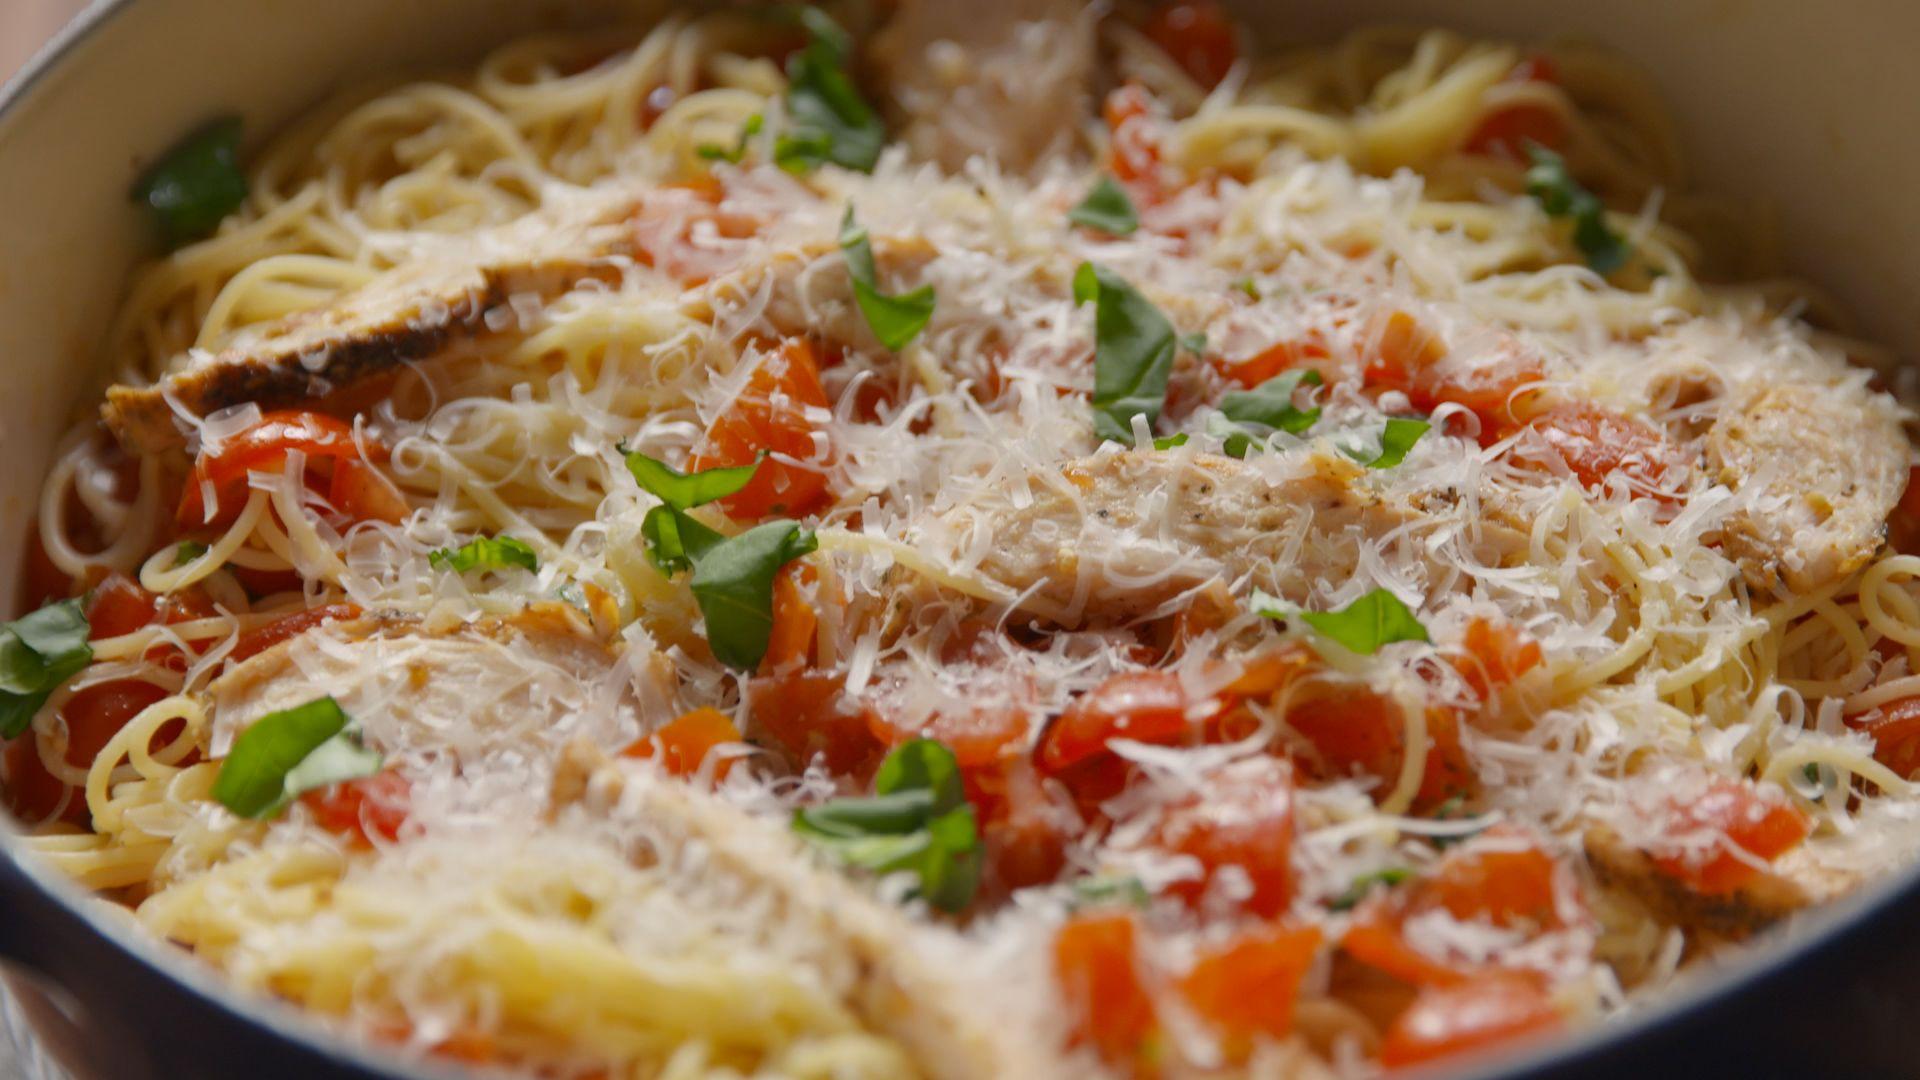 Best Bruschetta Chicken Pasta Recipe How To Make Bruschetta